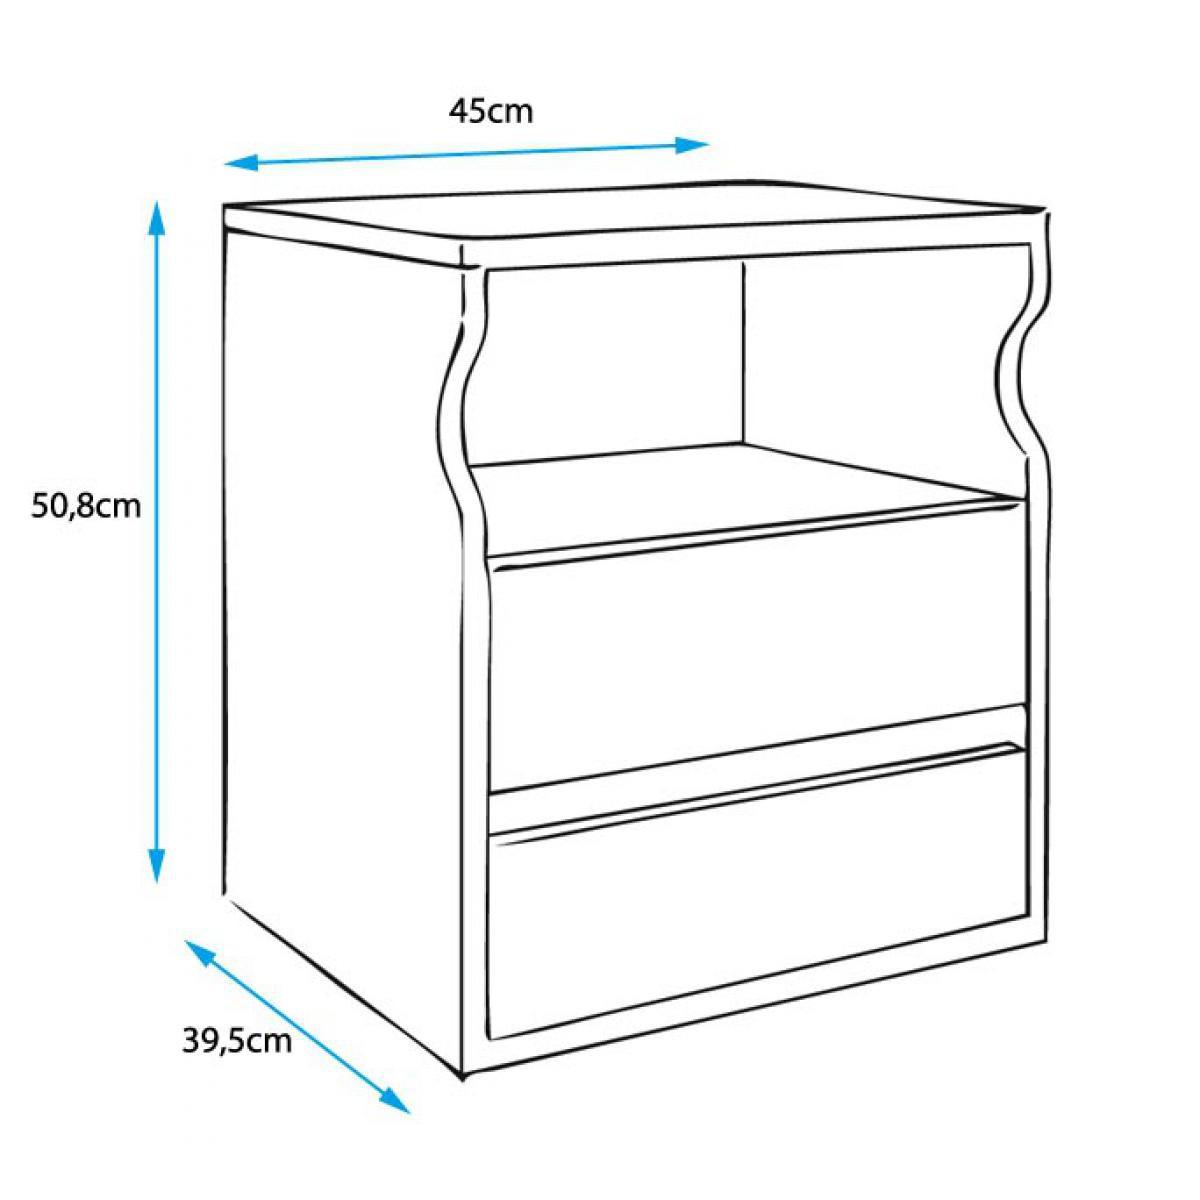 Design Ameublement Table de chevet Tamy blanc